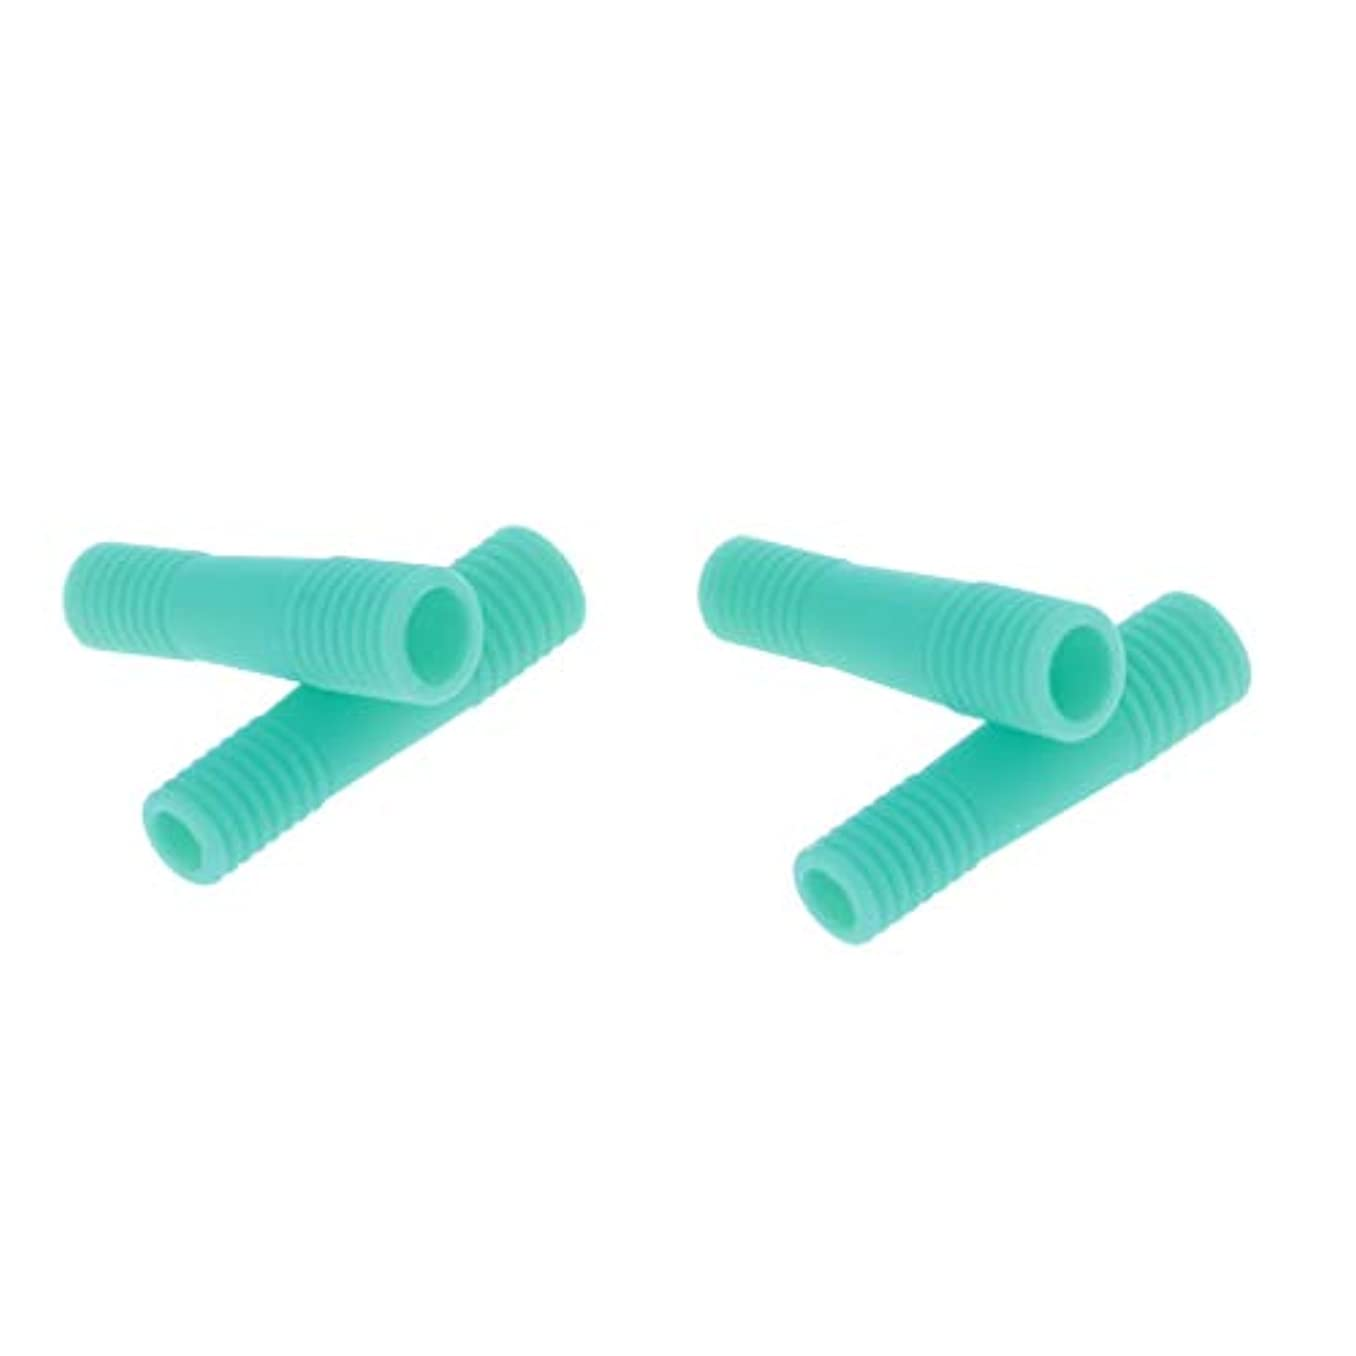 単独で代理人装置ネイルキューティクルハサミケース マニキュアペディキュアツール保護 全5色 - 緑